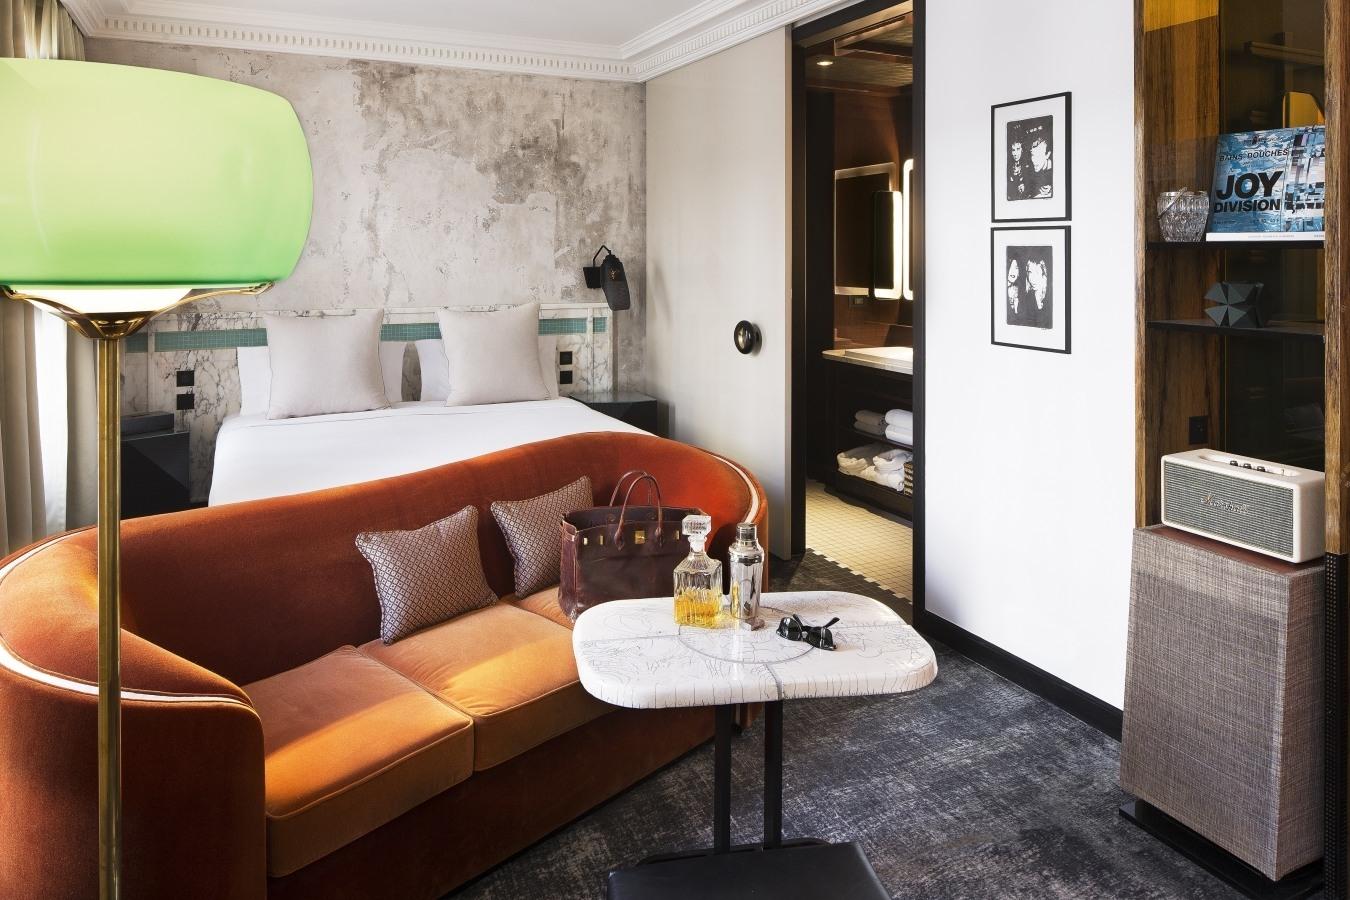 Les bains paris sur h tel paris for Les bains douches hotel